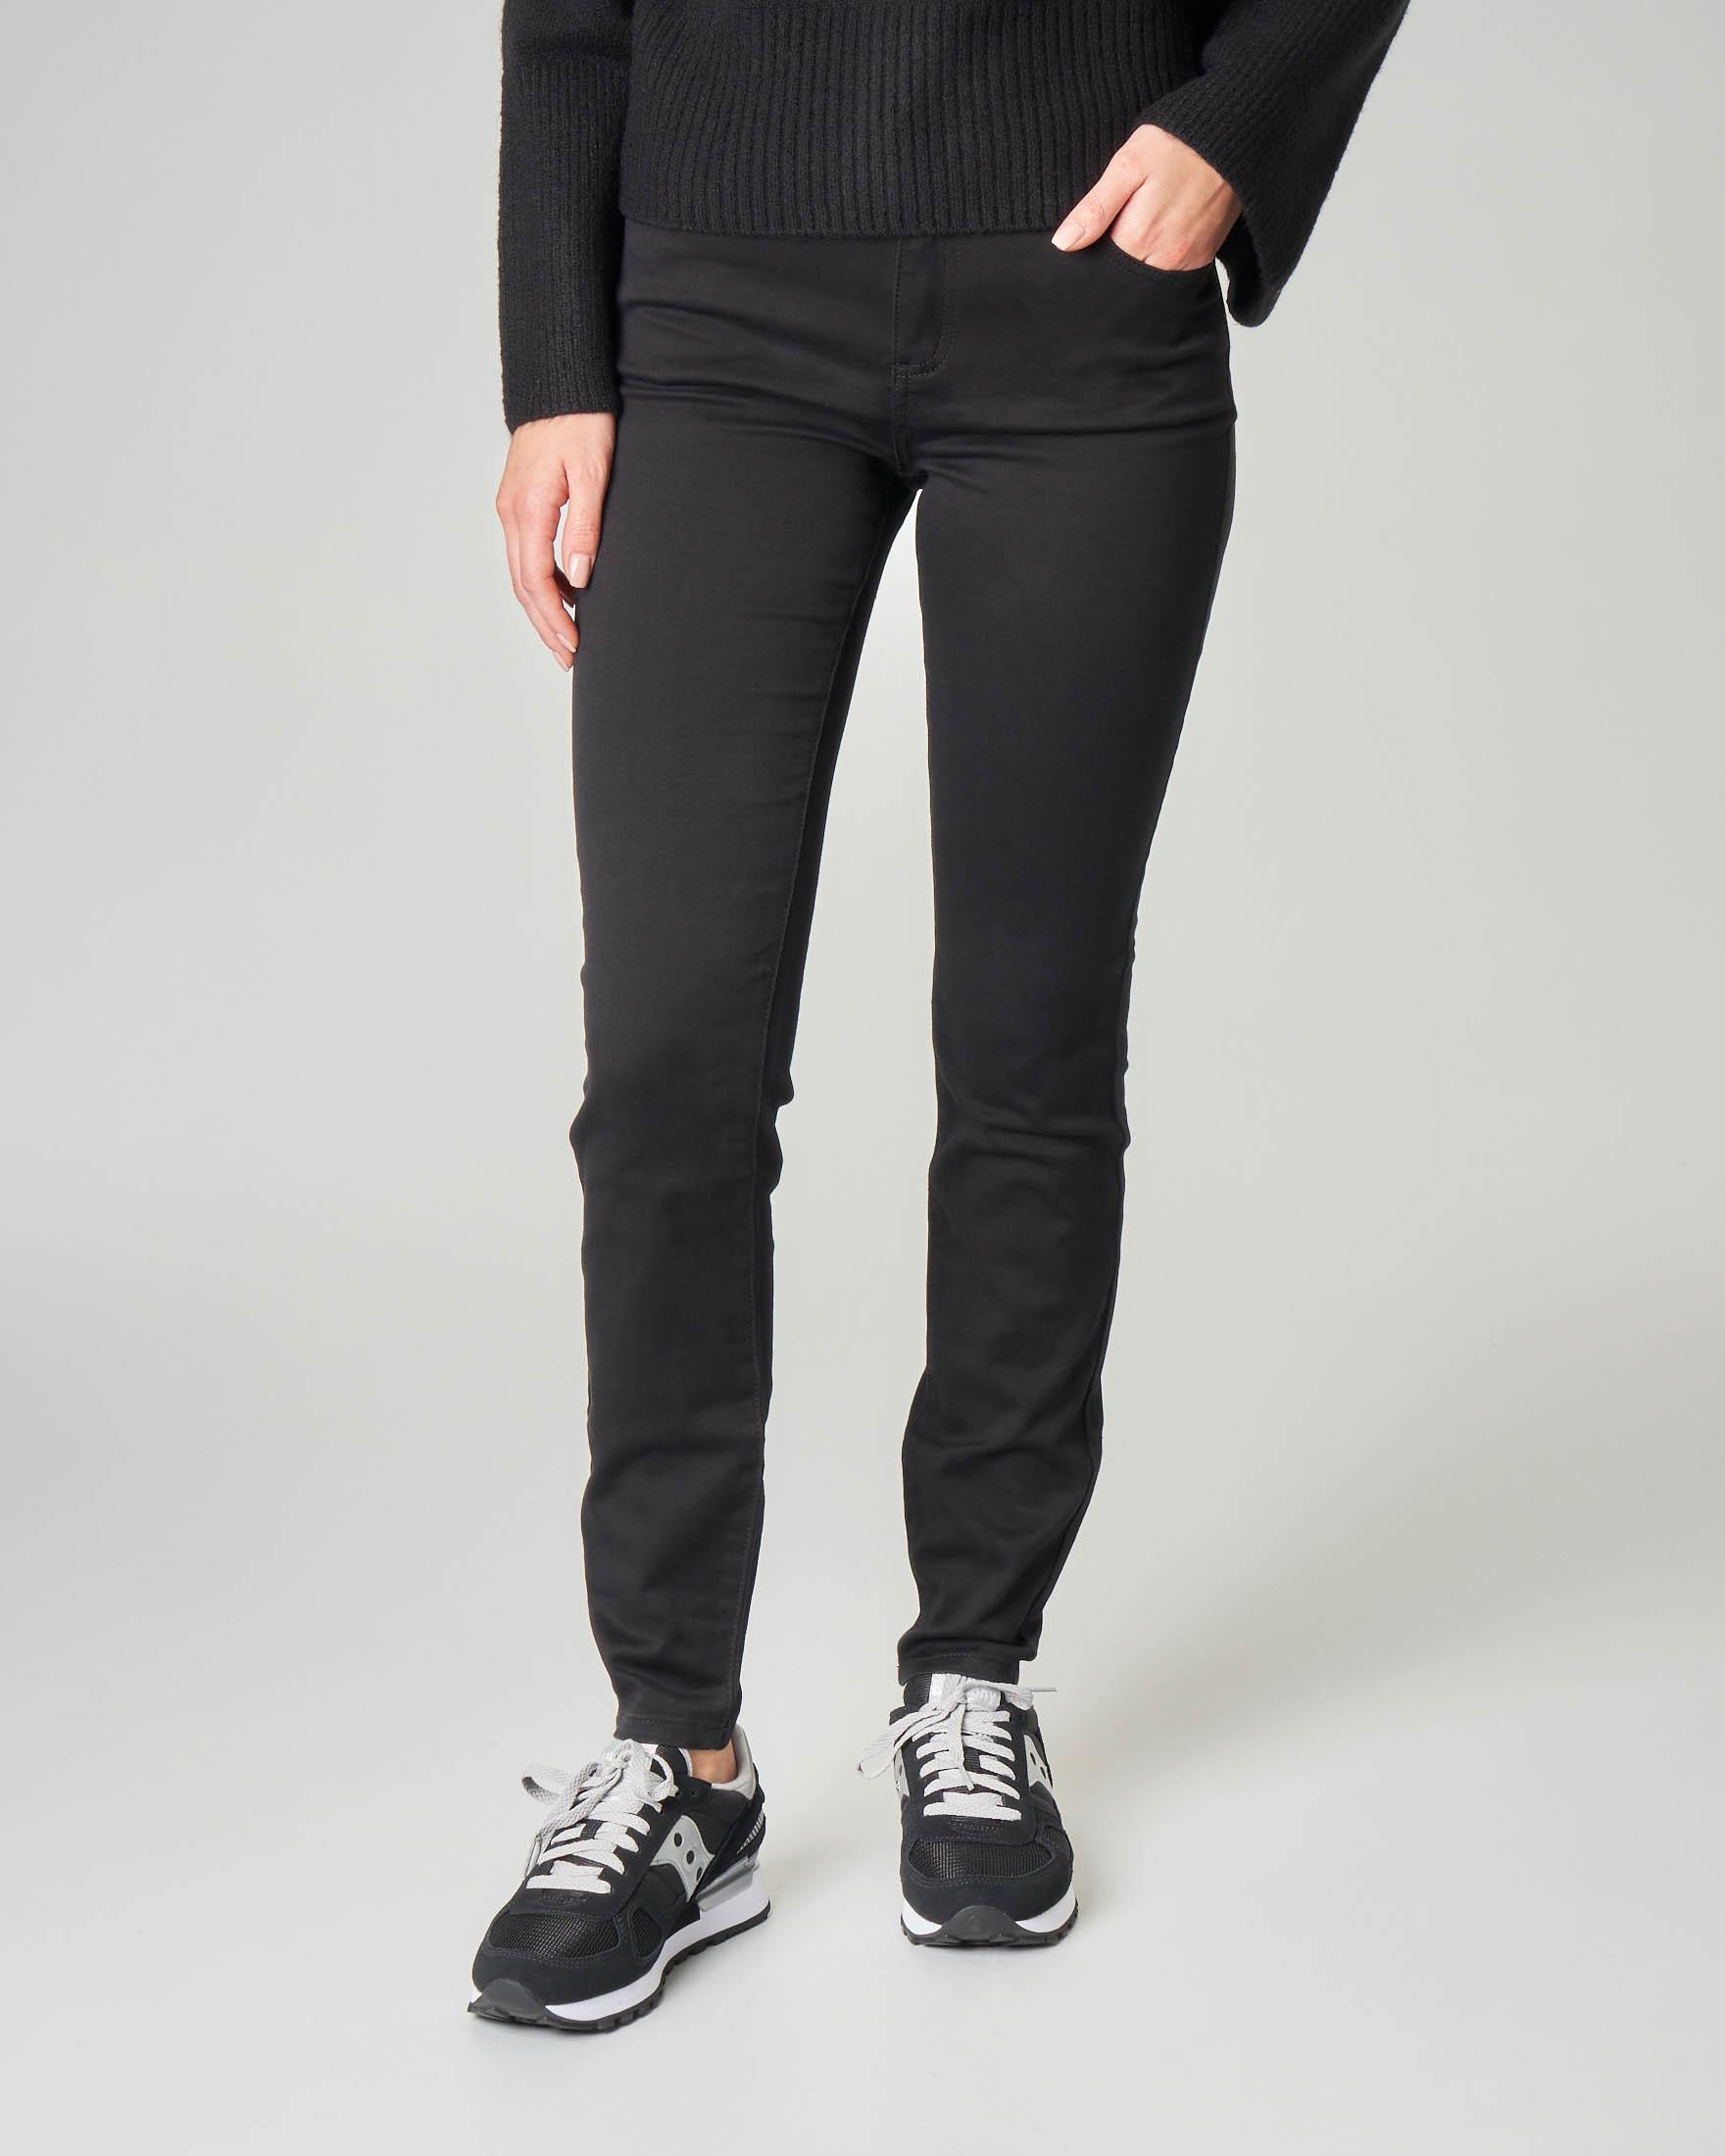 Jeans neri in cotone stuper stretch